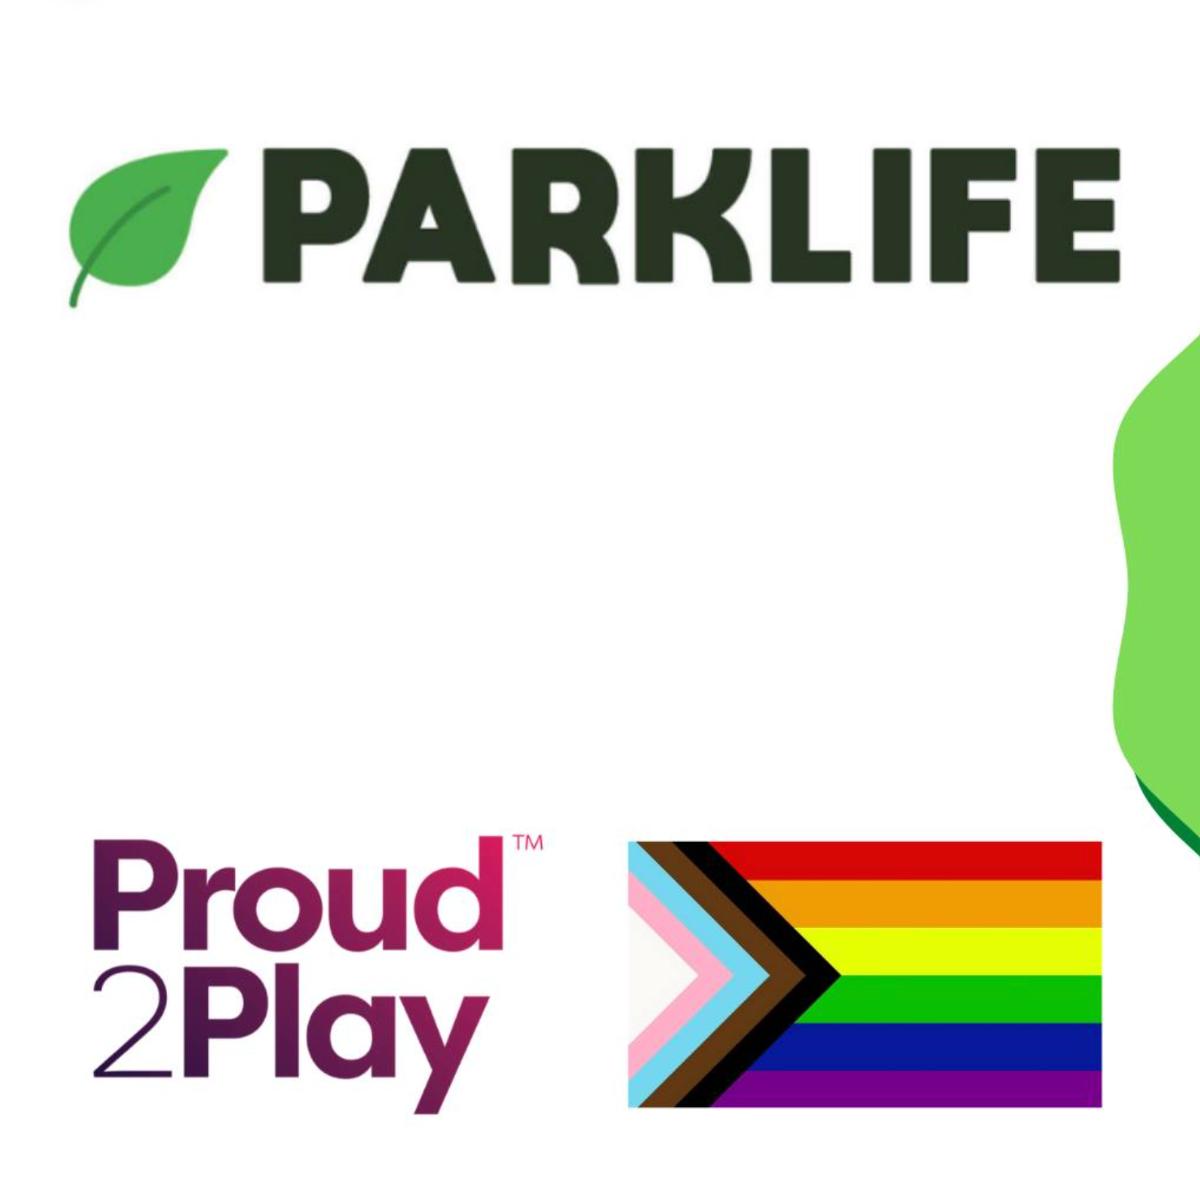 Parklife logo with pride flag